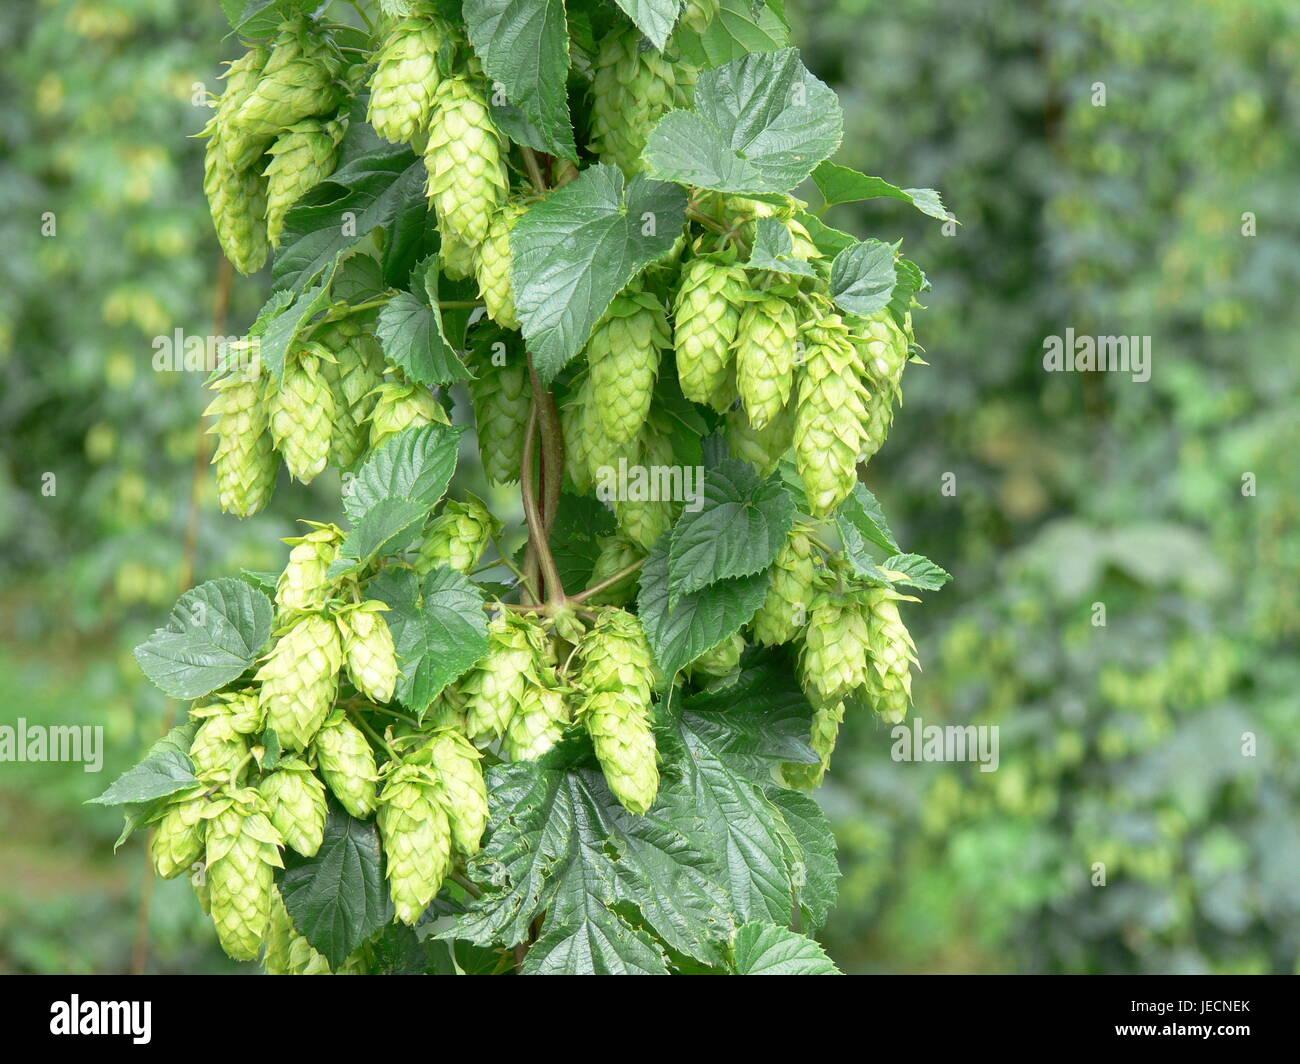 Tettnanger Hops - Stock Image